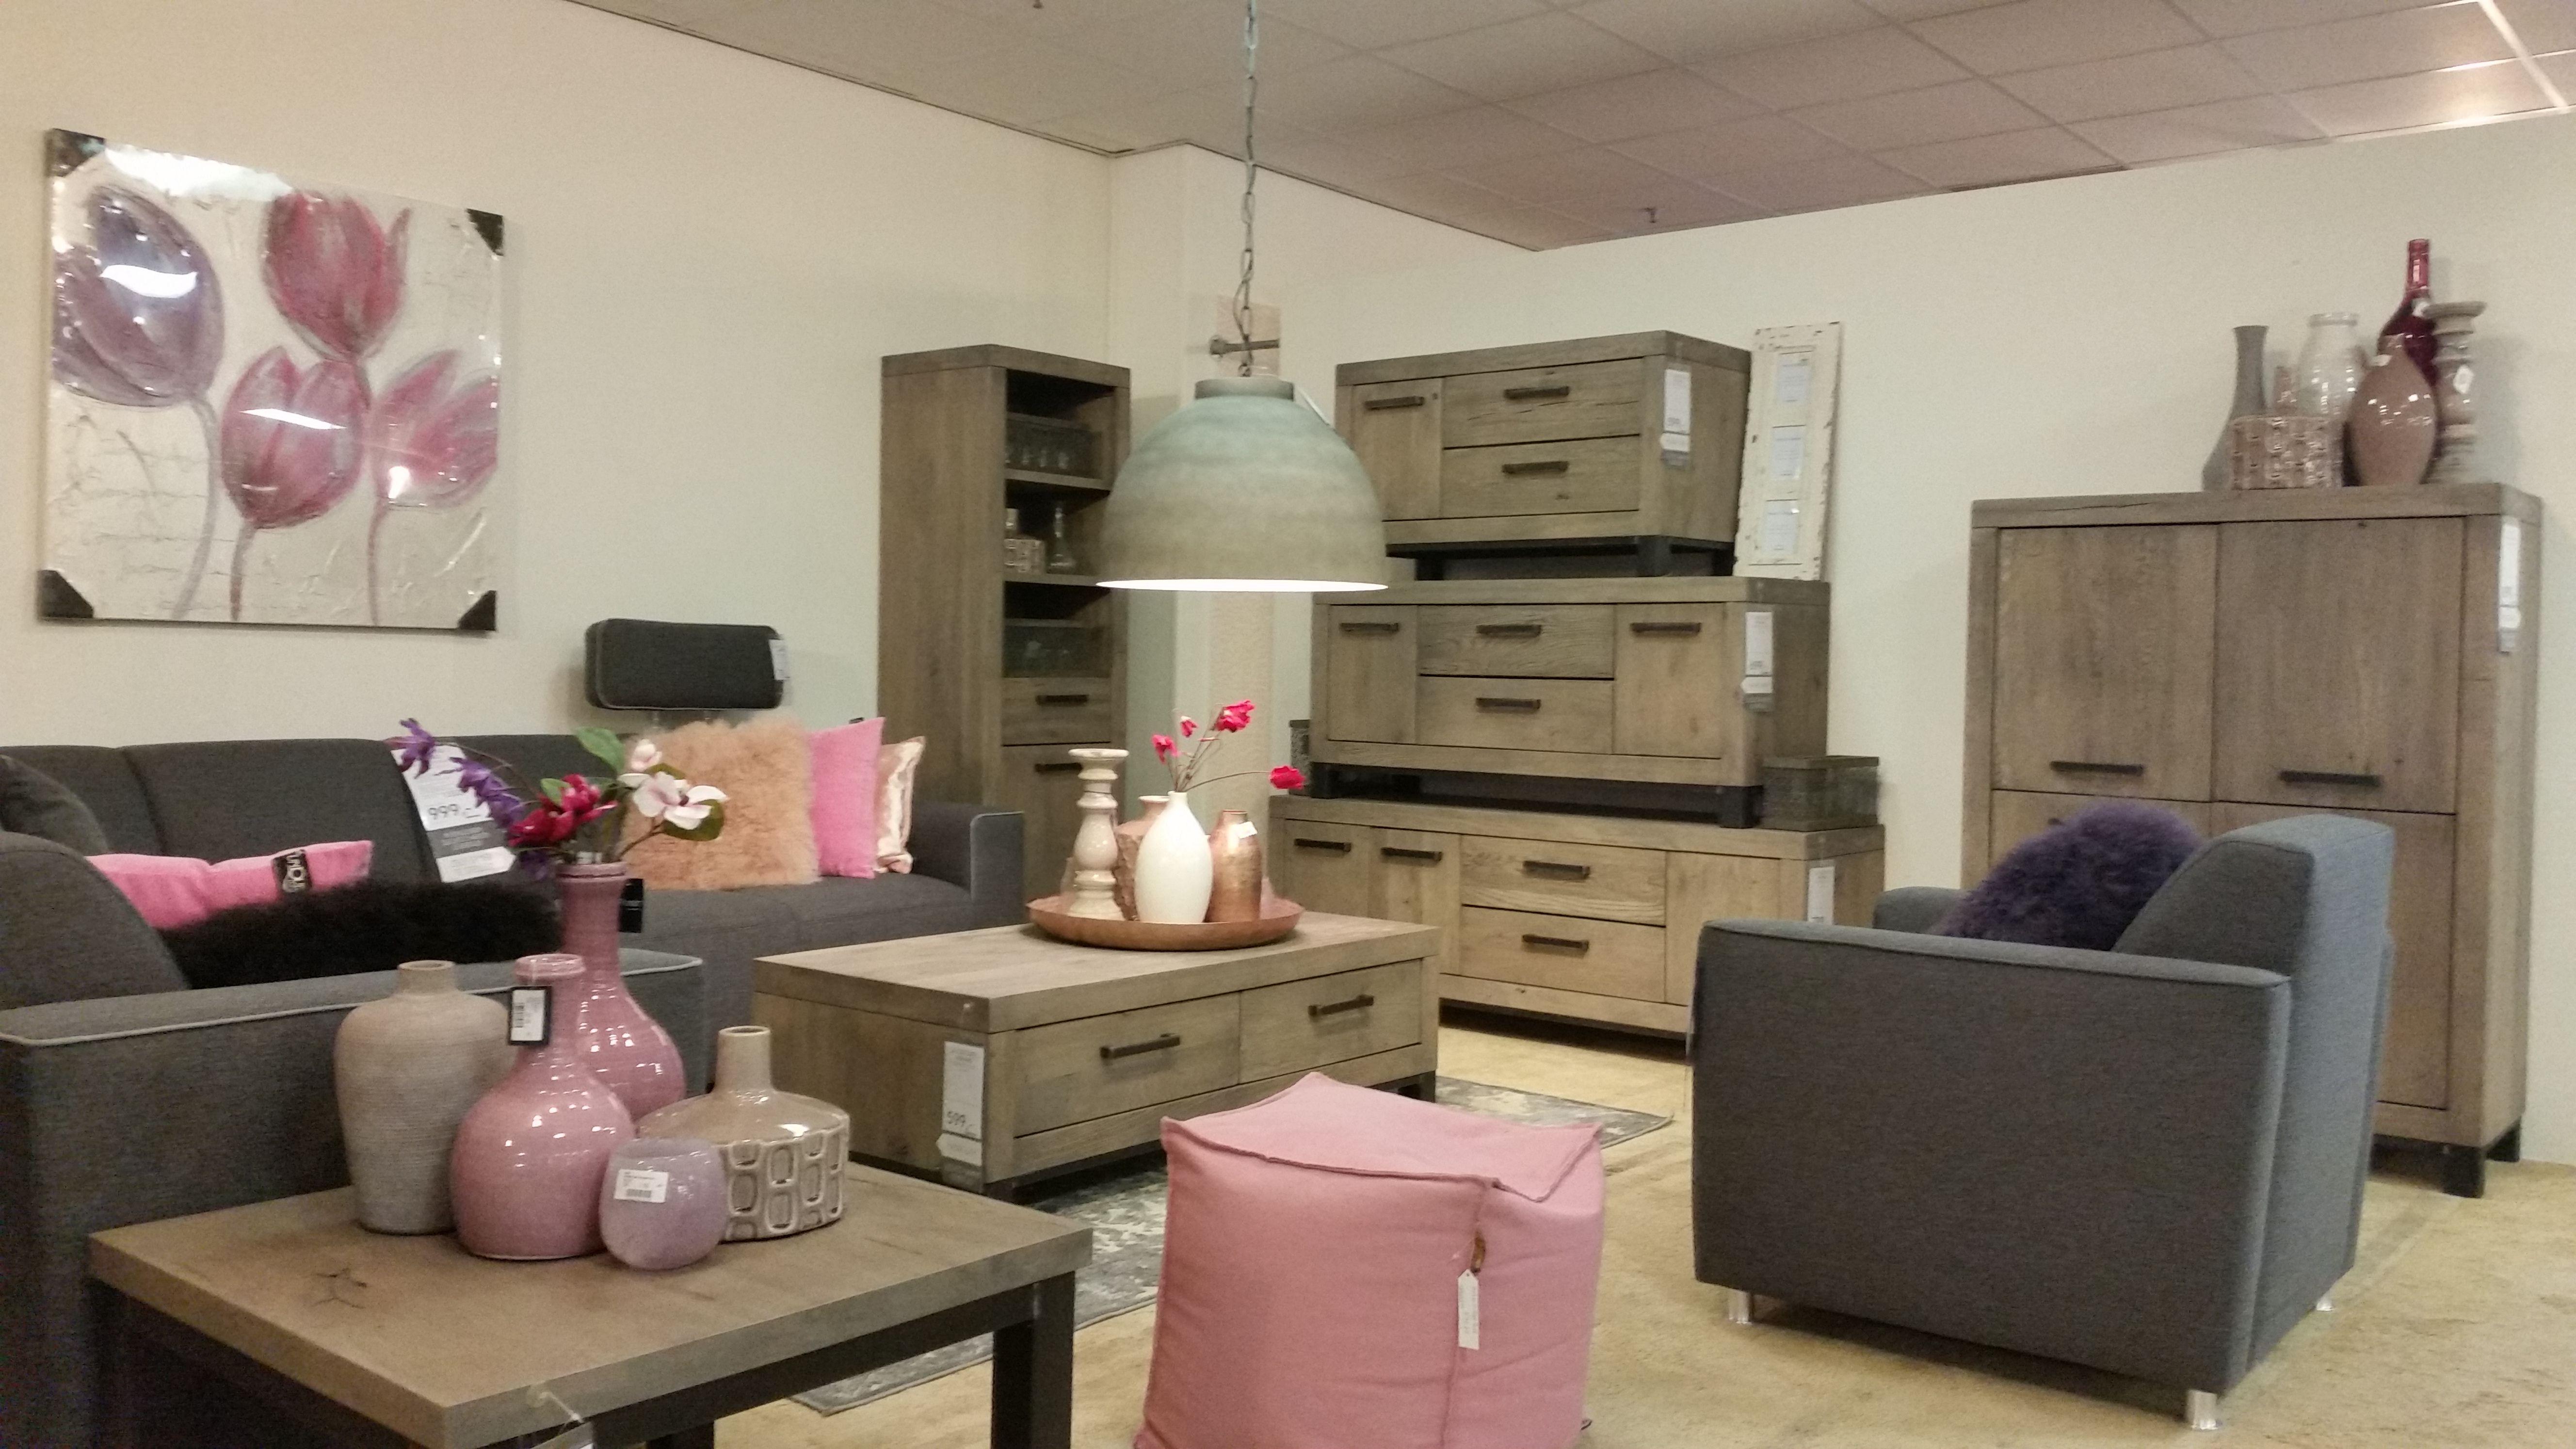 Roze Decoratie Woonkamer : Woonkamer met woonprogramma hevano robuust met een zacht tintje